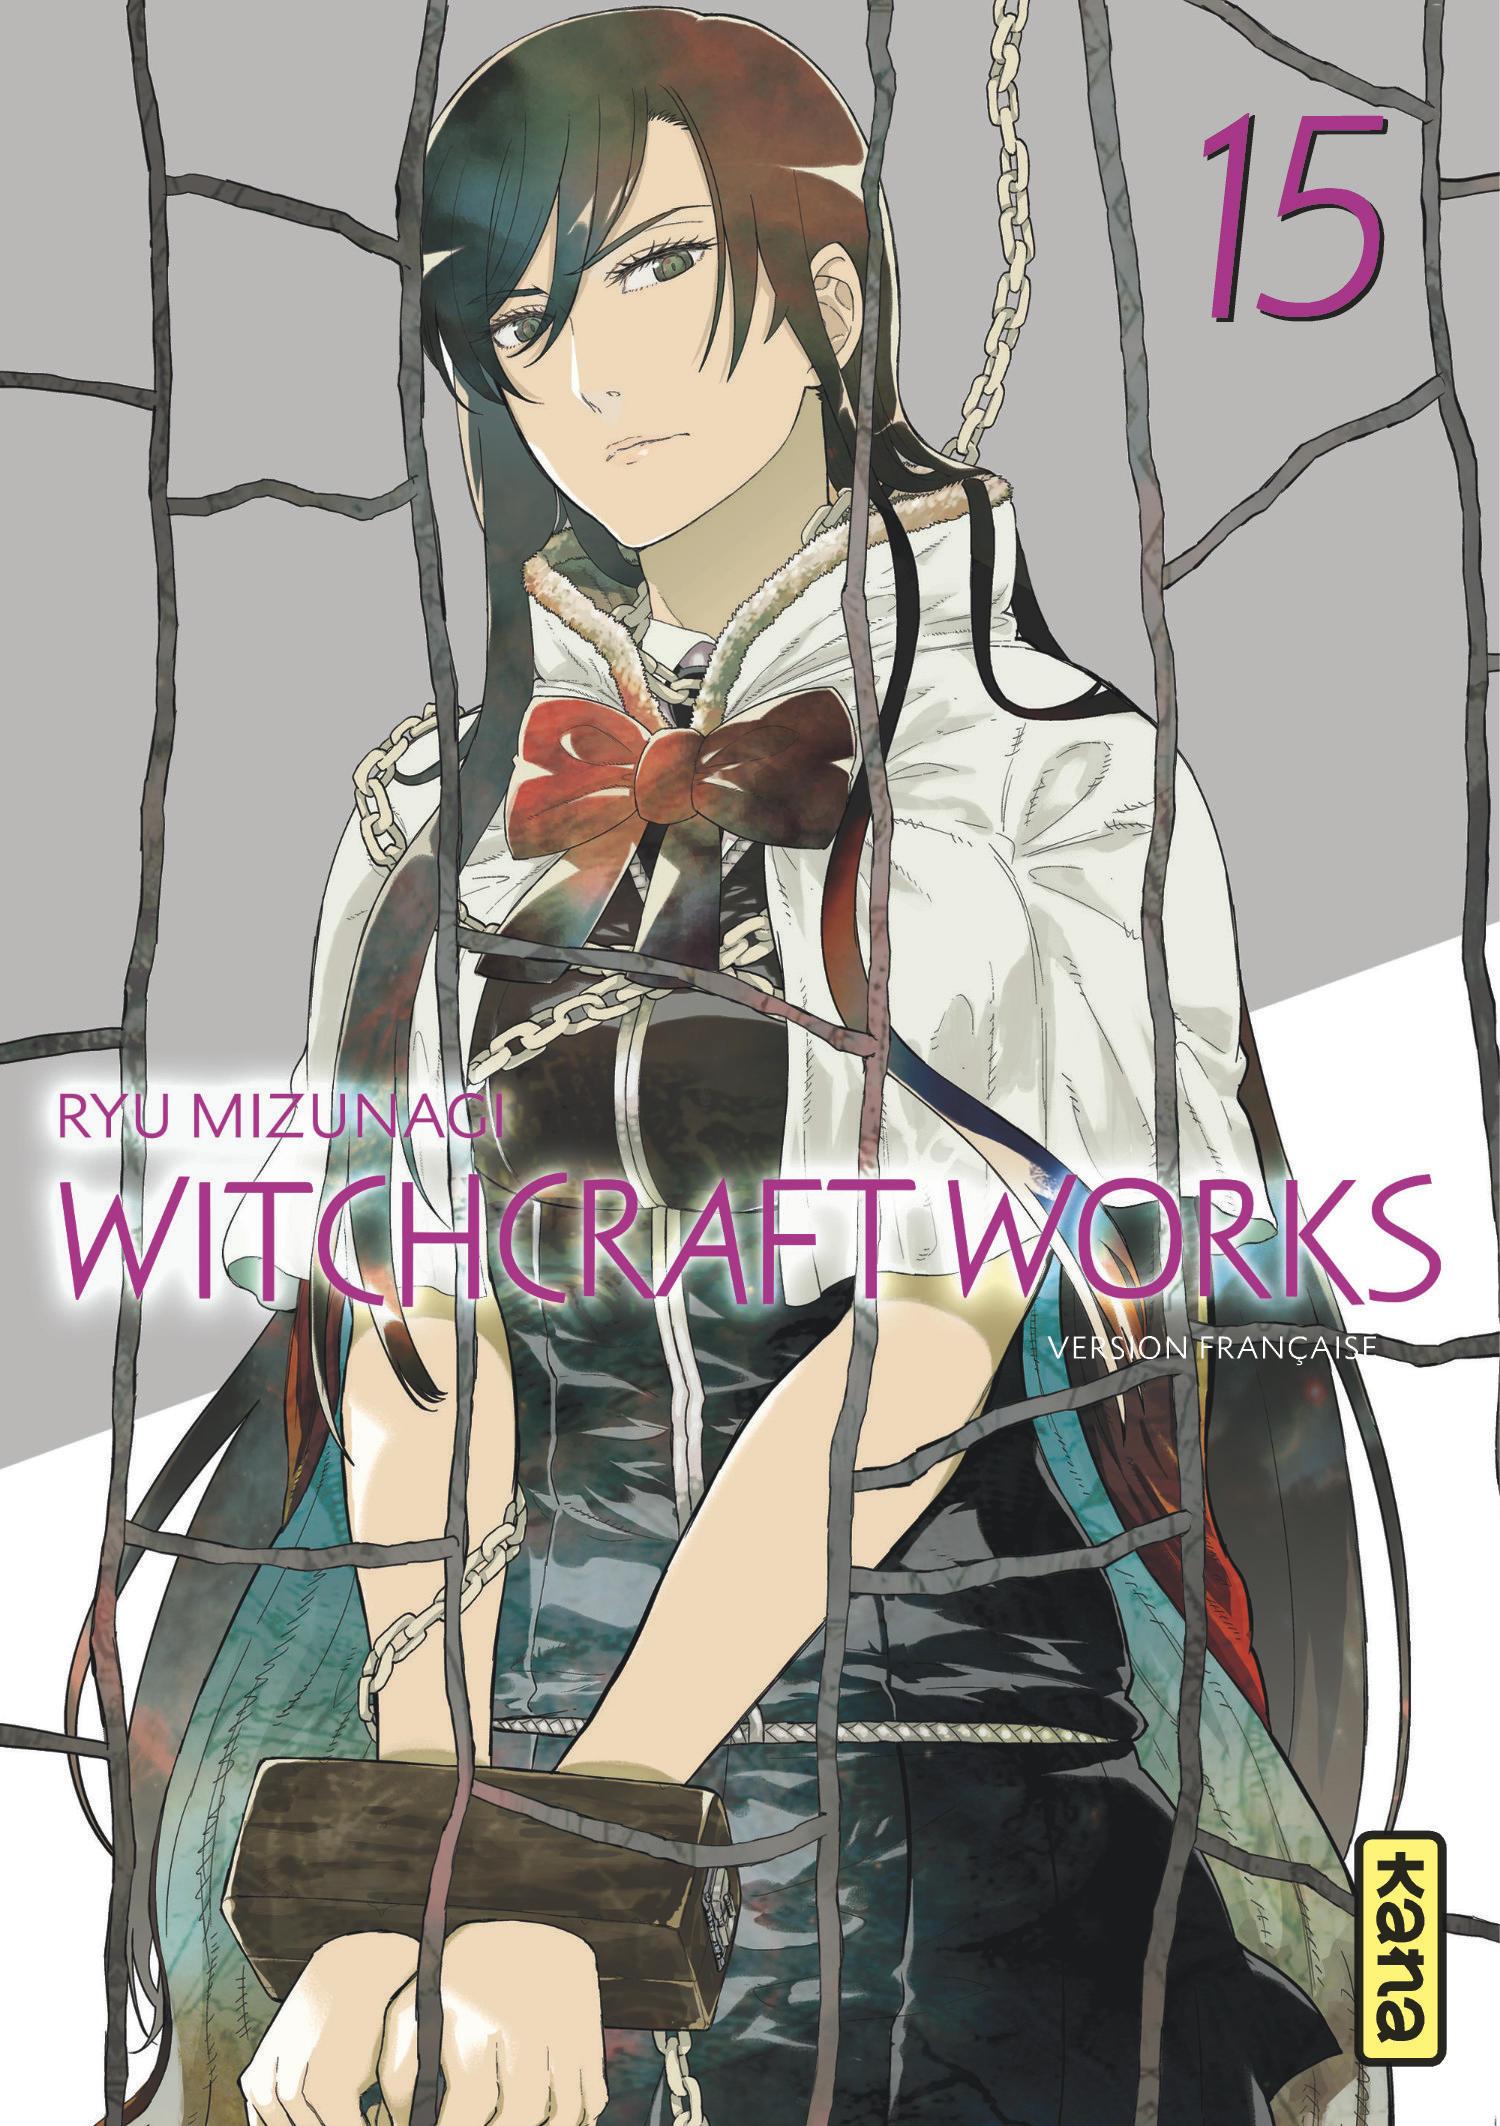 Witchcraft Works 15